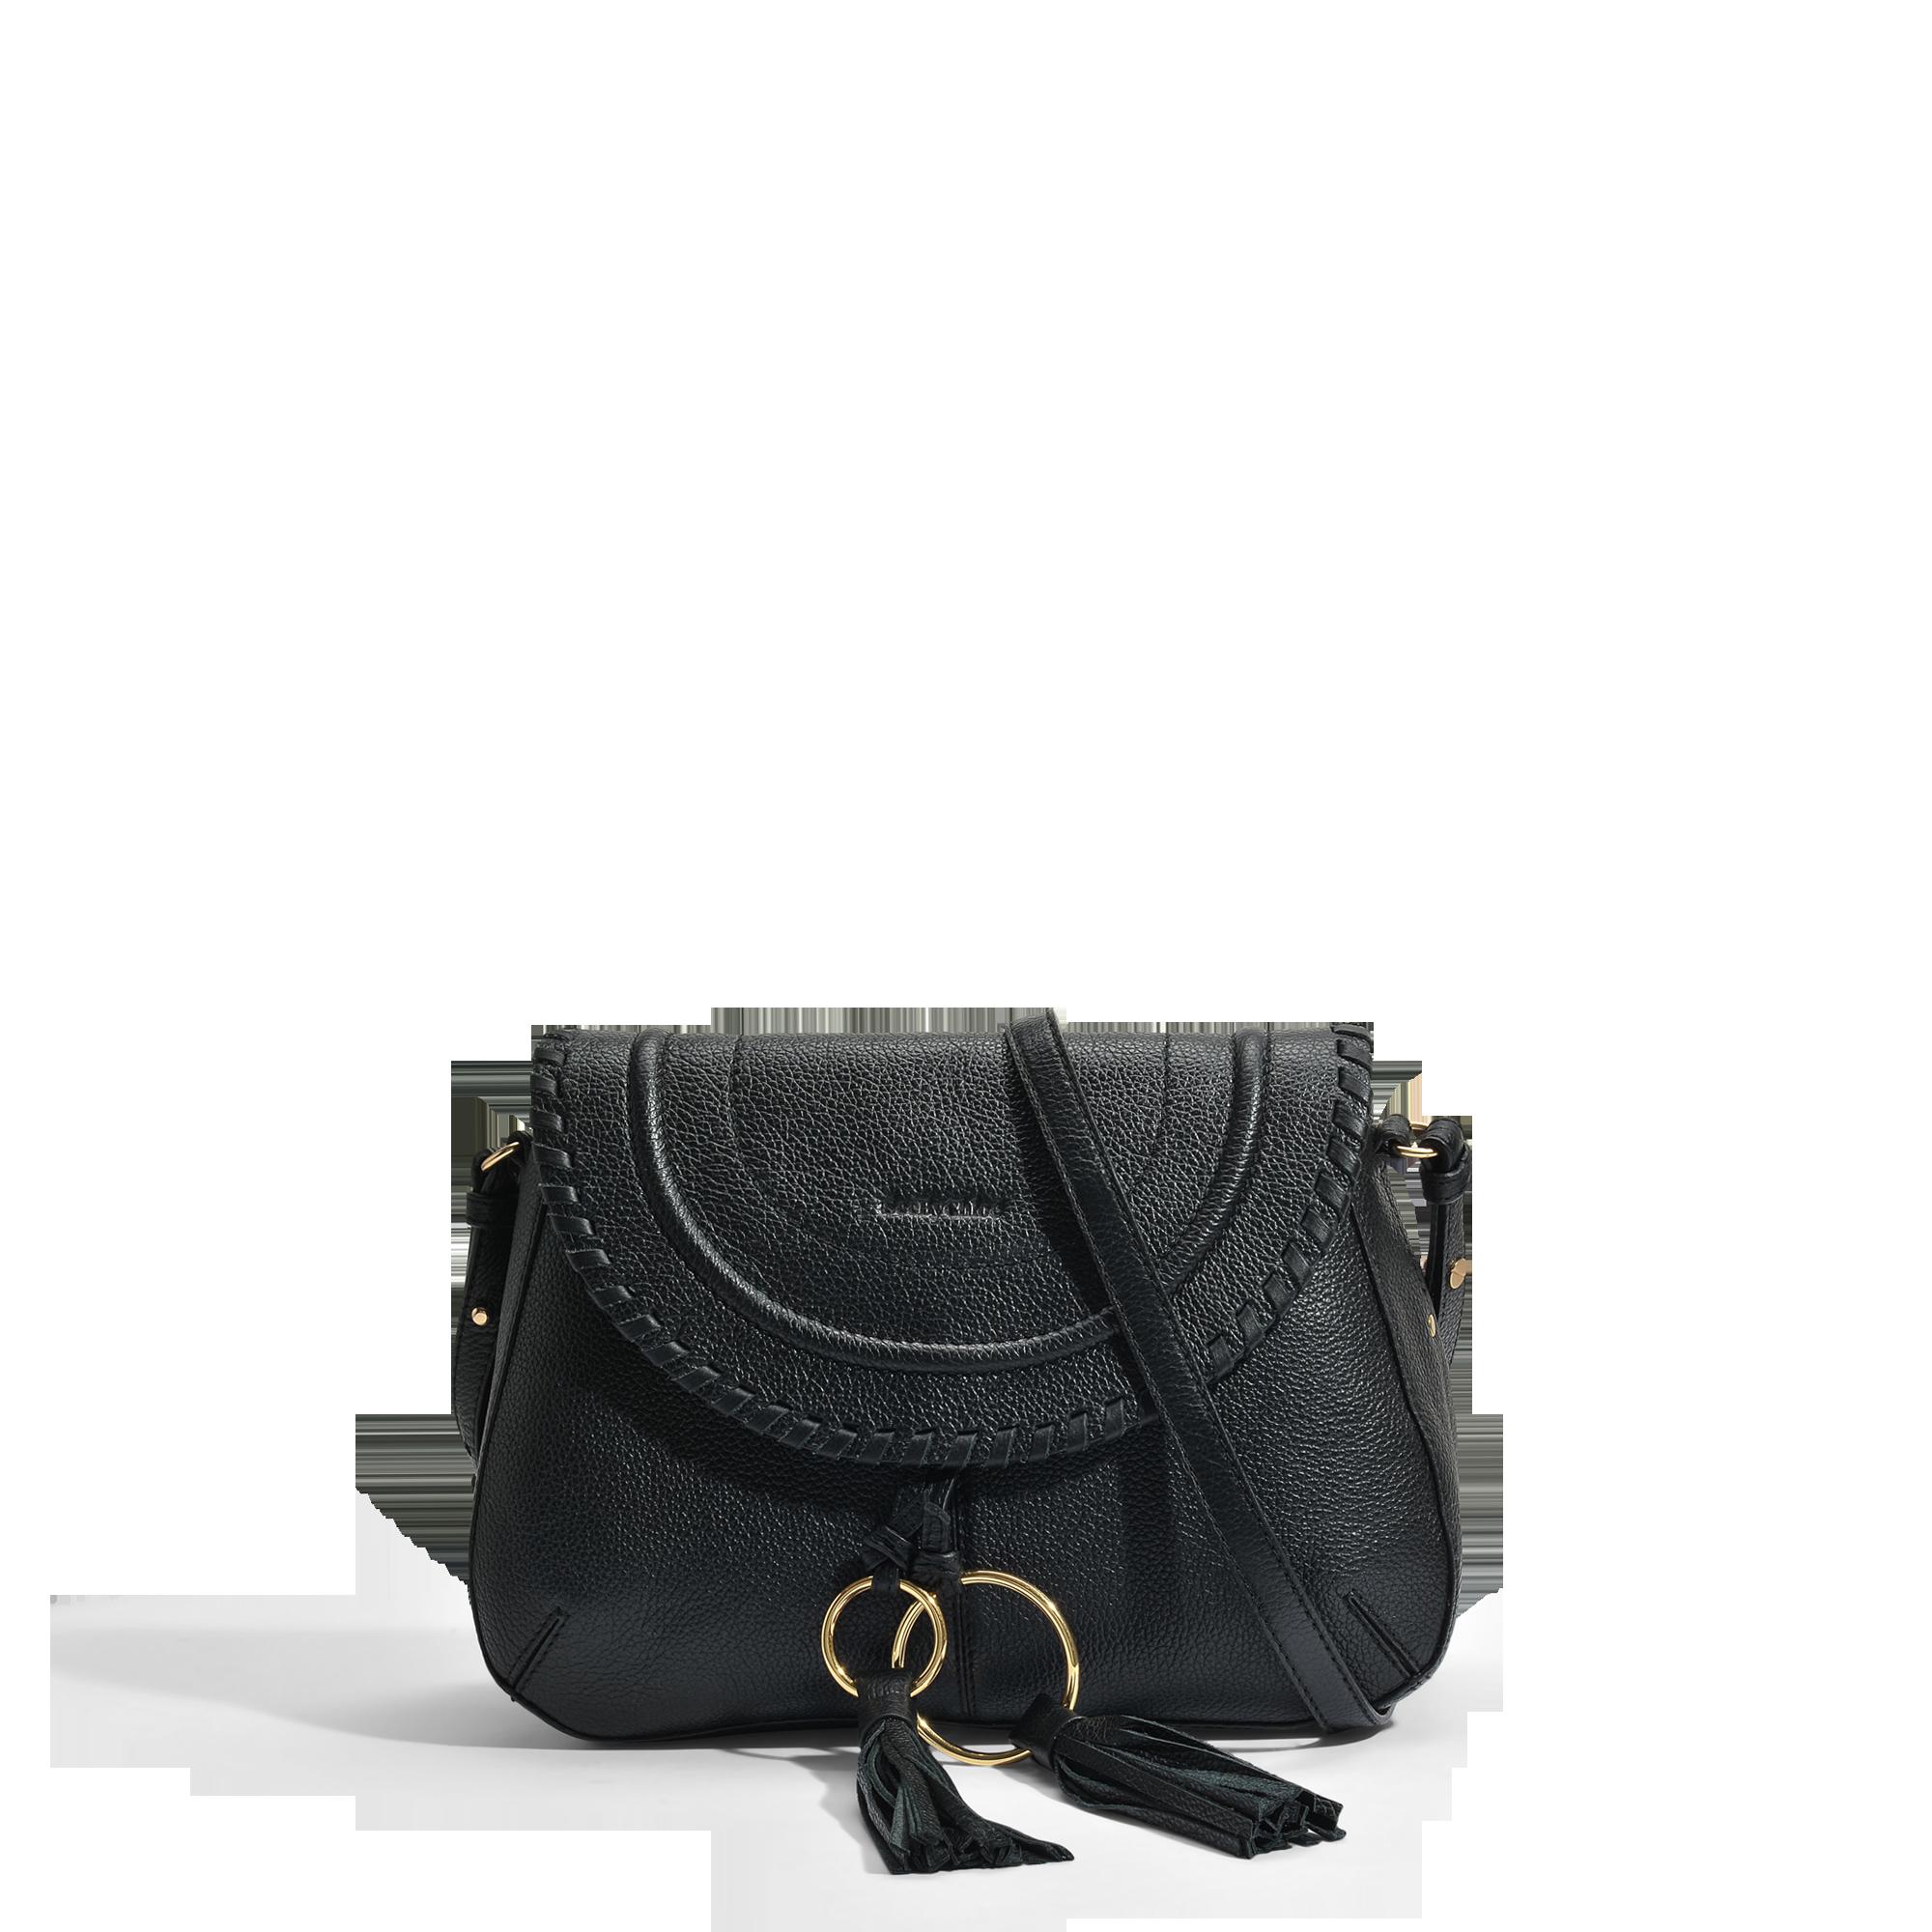 La Sortie Où Acheter Par Chloé Voir Polly Messenger Bag Acheter En Ligne Pas Cher Vente Ebay Pas Cher Professionnel Fq71pl2AgF